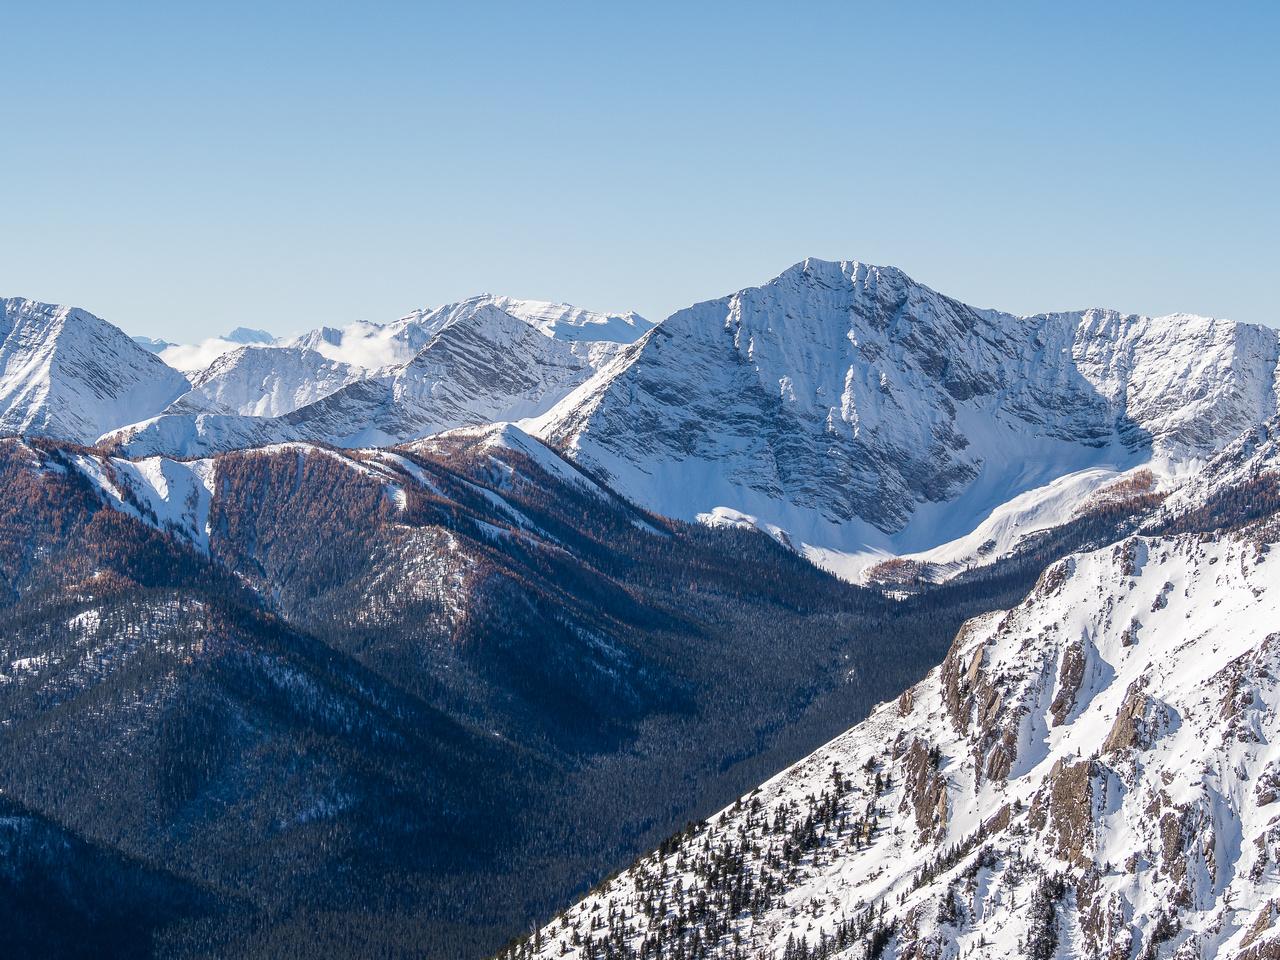 Looking west towards Mount Odlum.